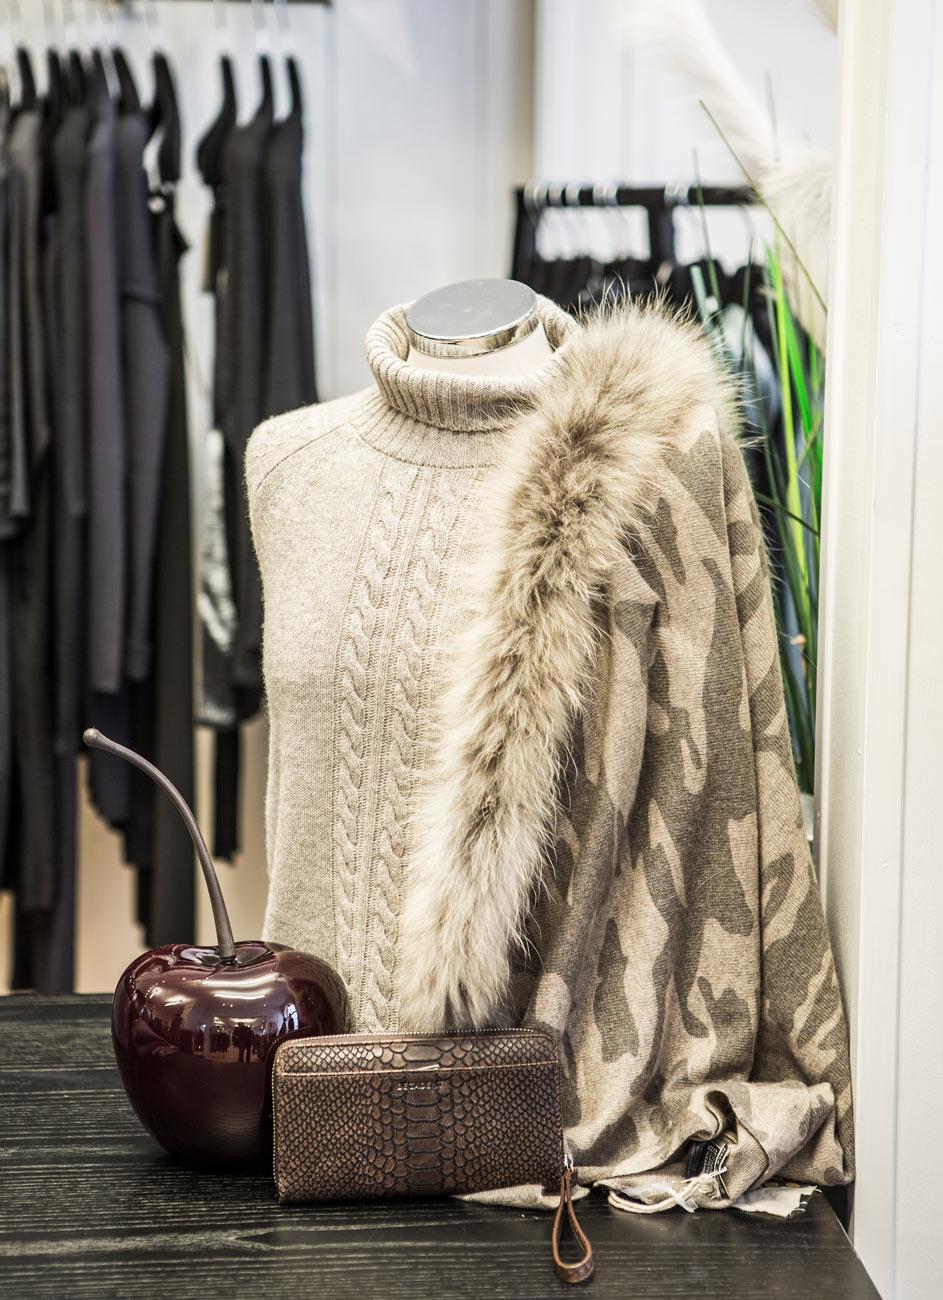 skien-by-prikken-over-genser-sjal